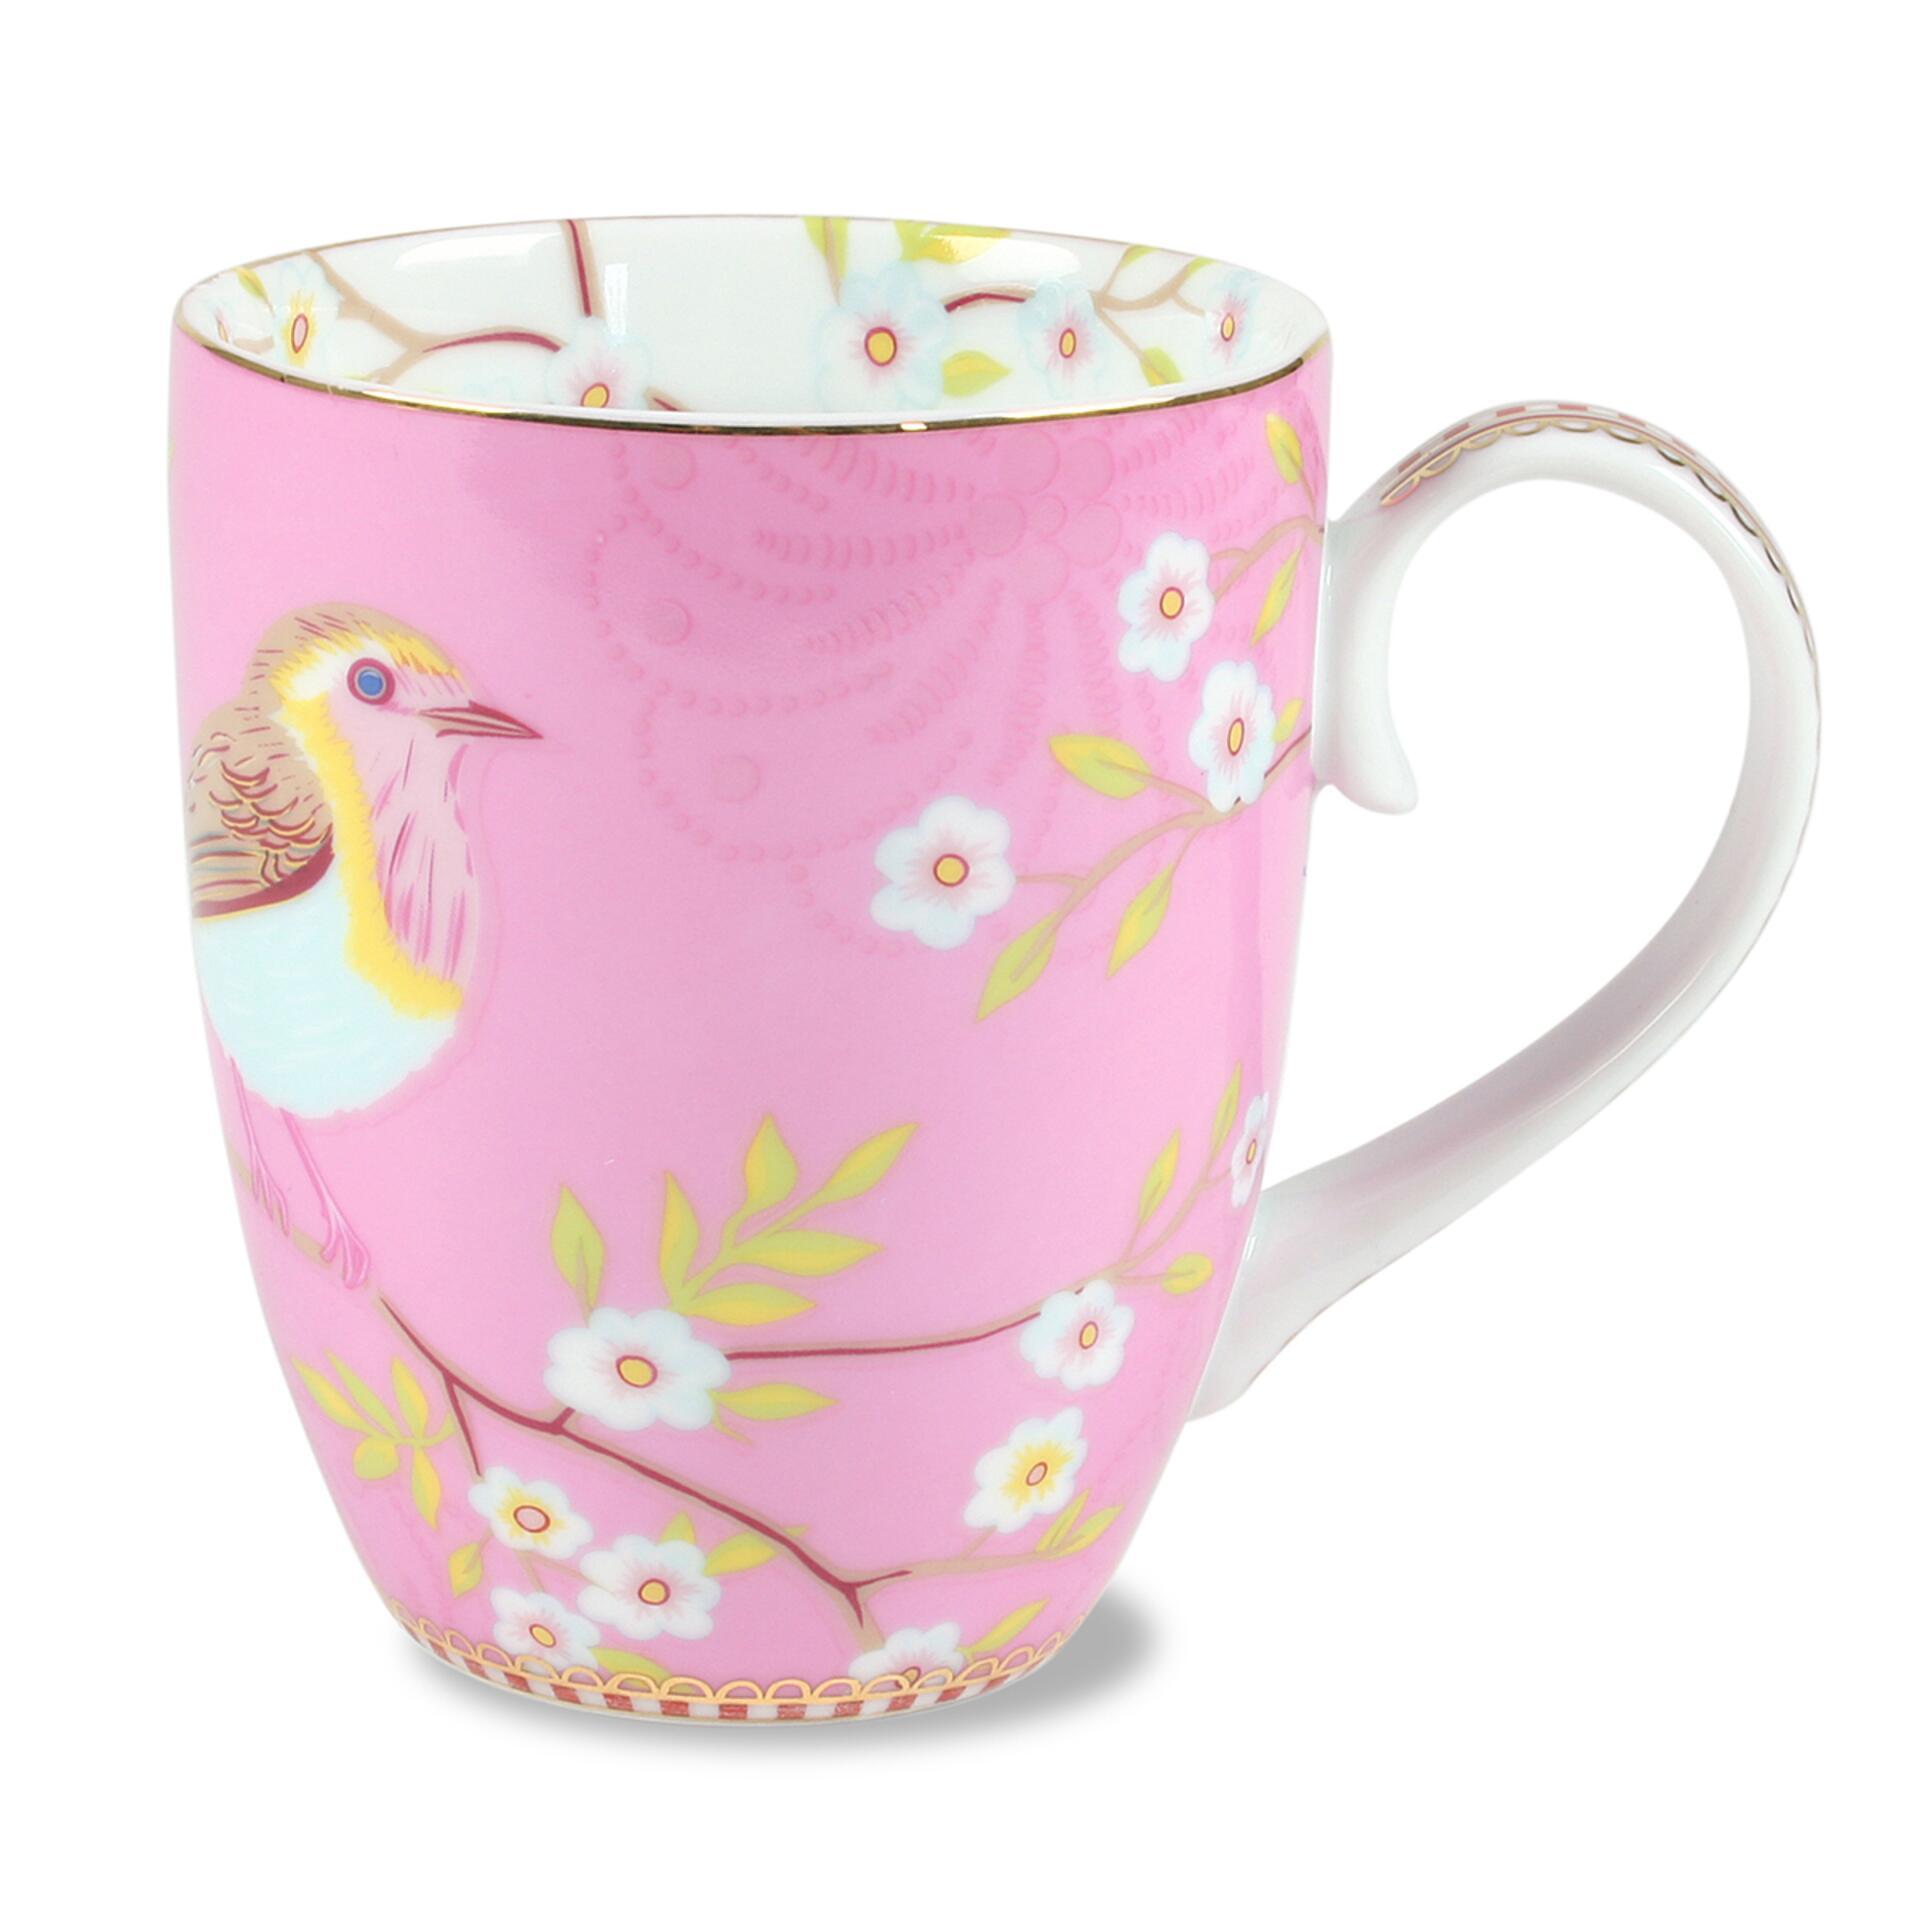 PiP Porzellan Kaffeetasse Early Bird Pink